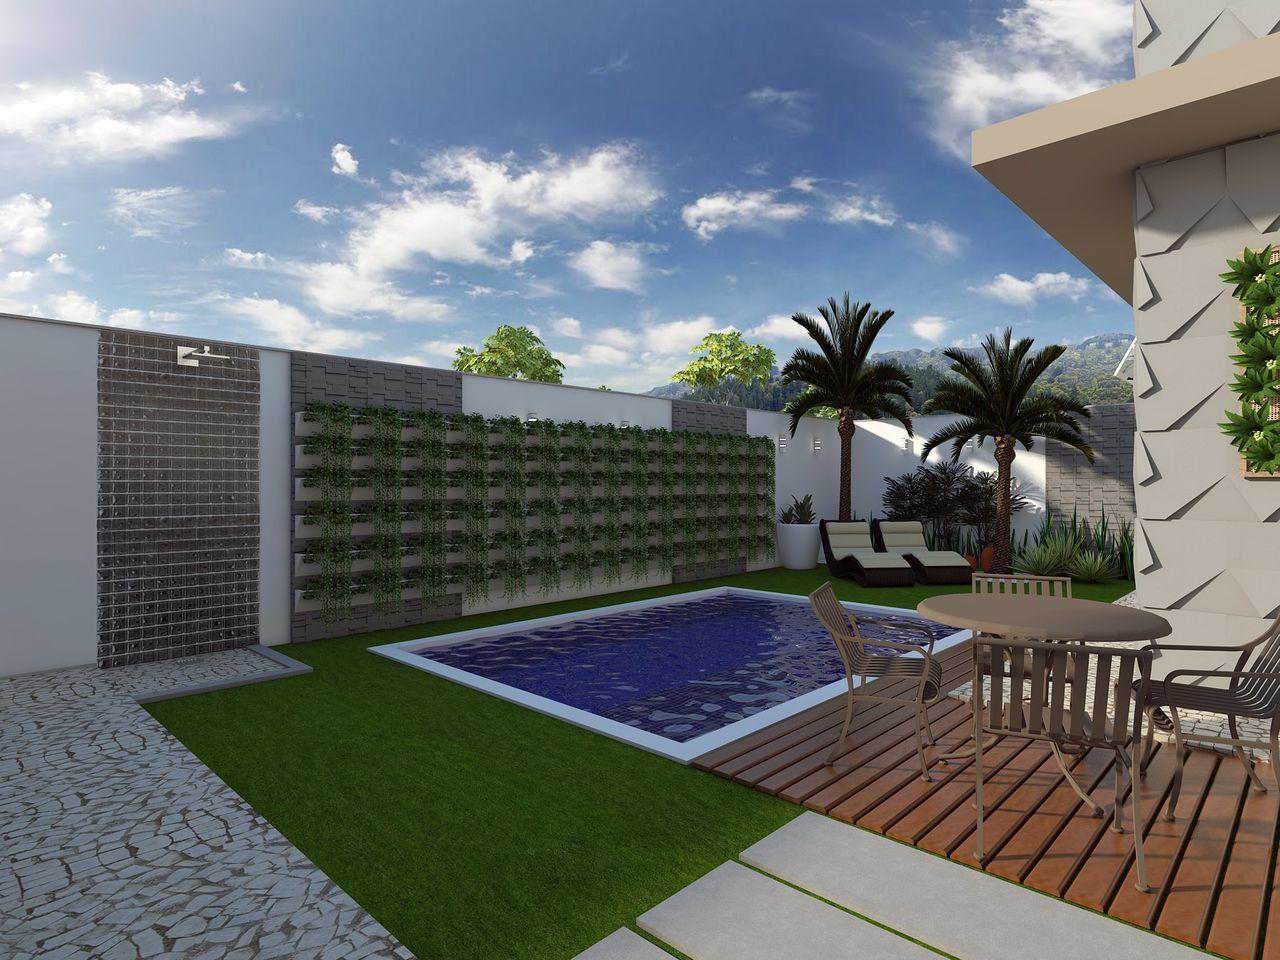 Hermosa duchas para piscina cresta ideas de decoraci n de interiores - Duchas de piscinas ...